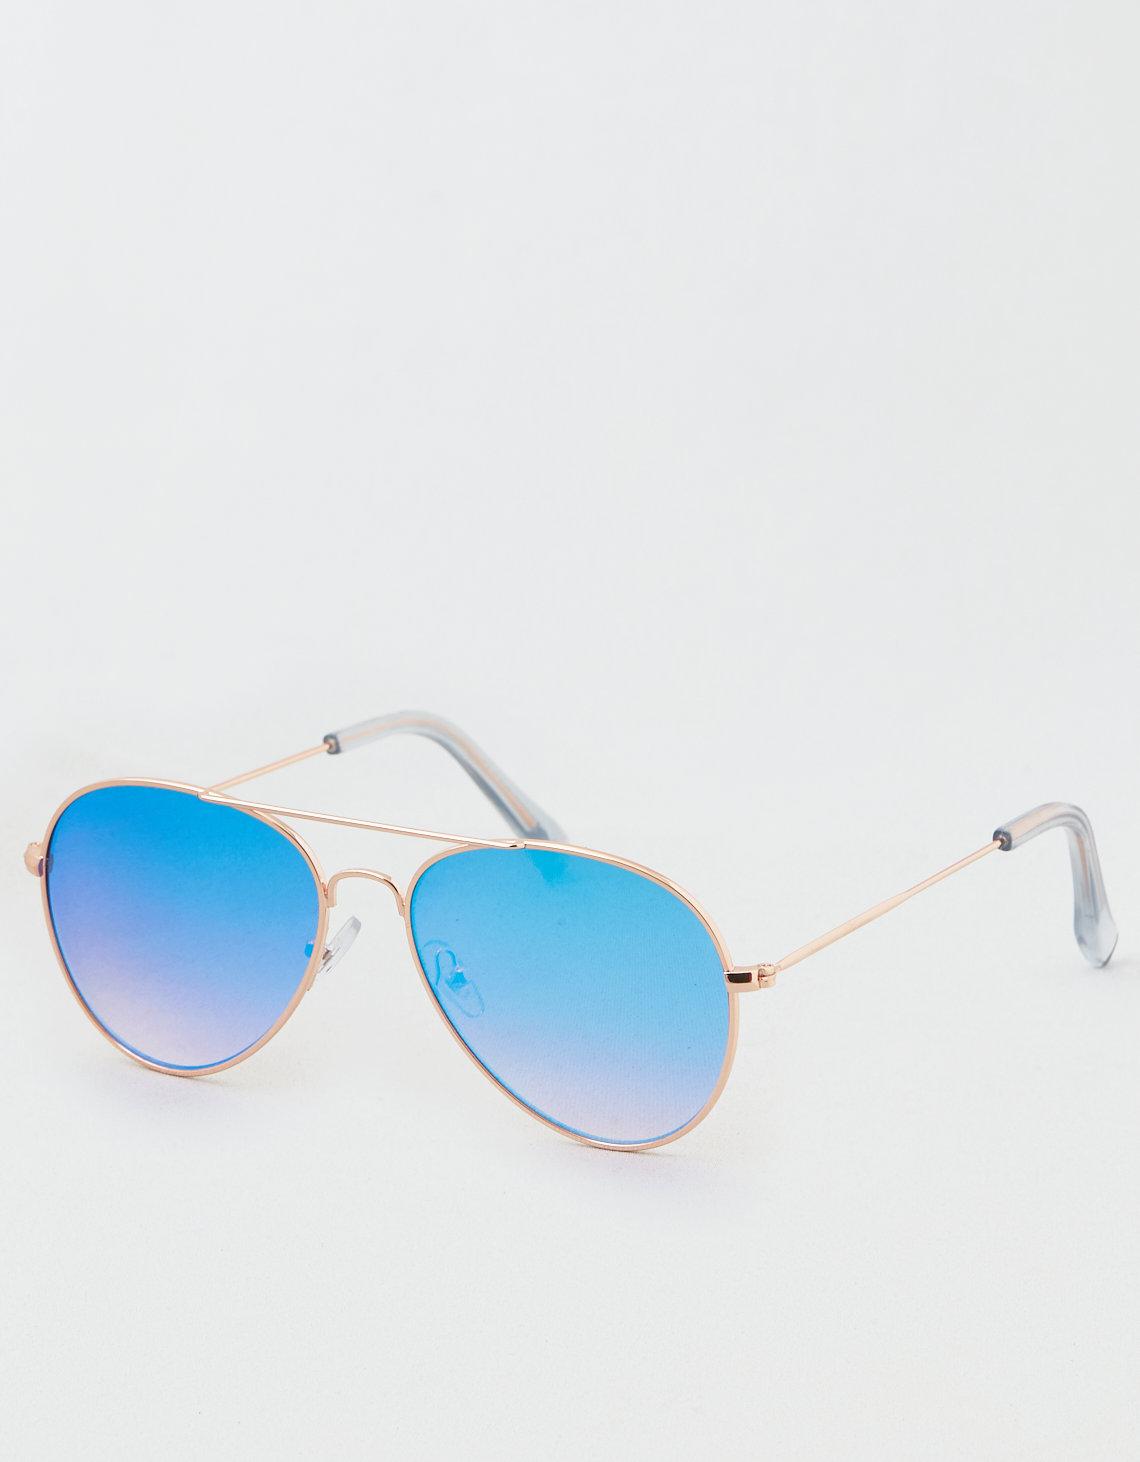 23a8a54a6f AE Aqua Flat Lens Aviator Sunglasses. Placeholder image. Product Image